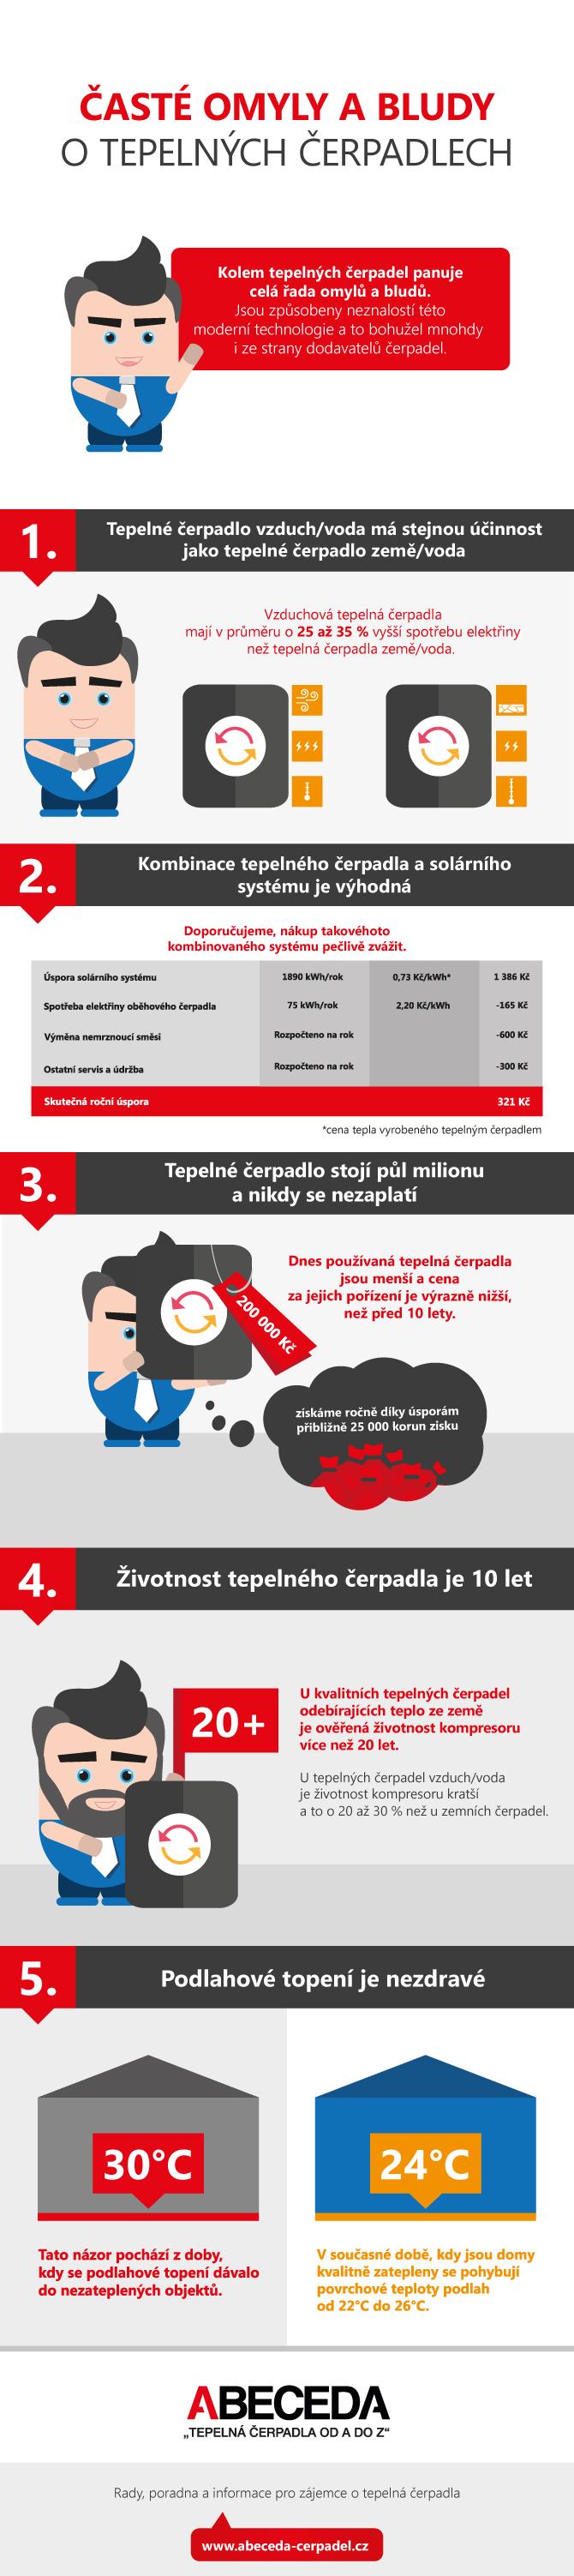 Infografika Časté omyly a bludy otepelných čerpadlech